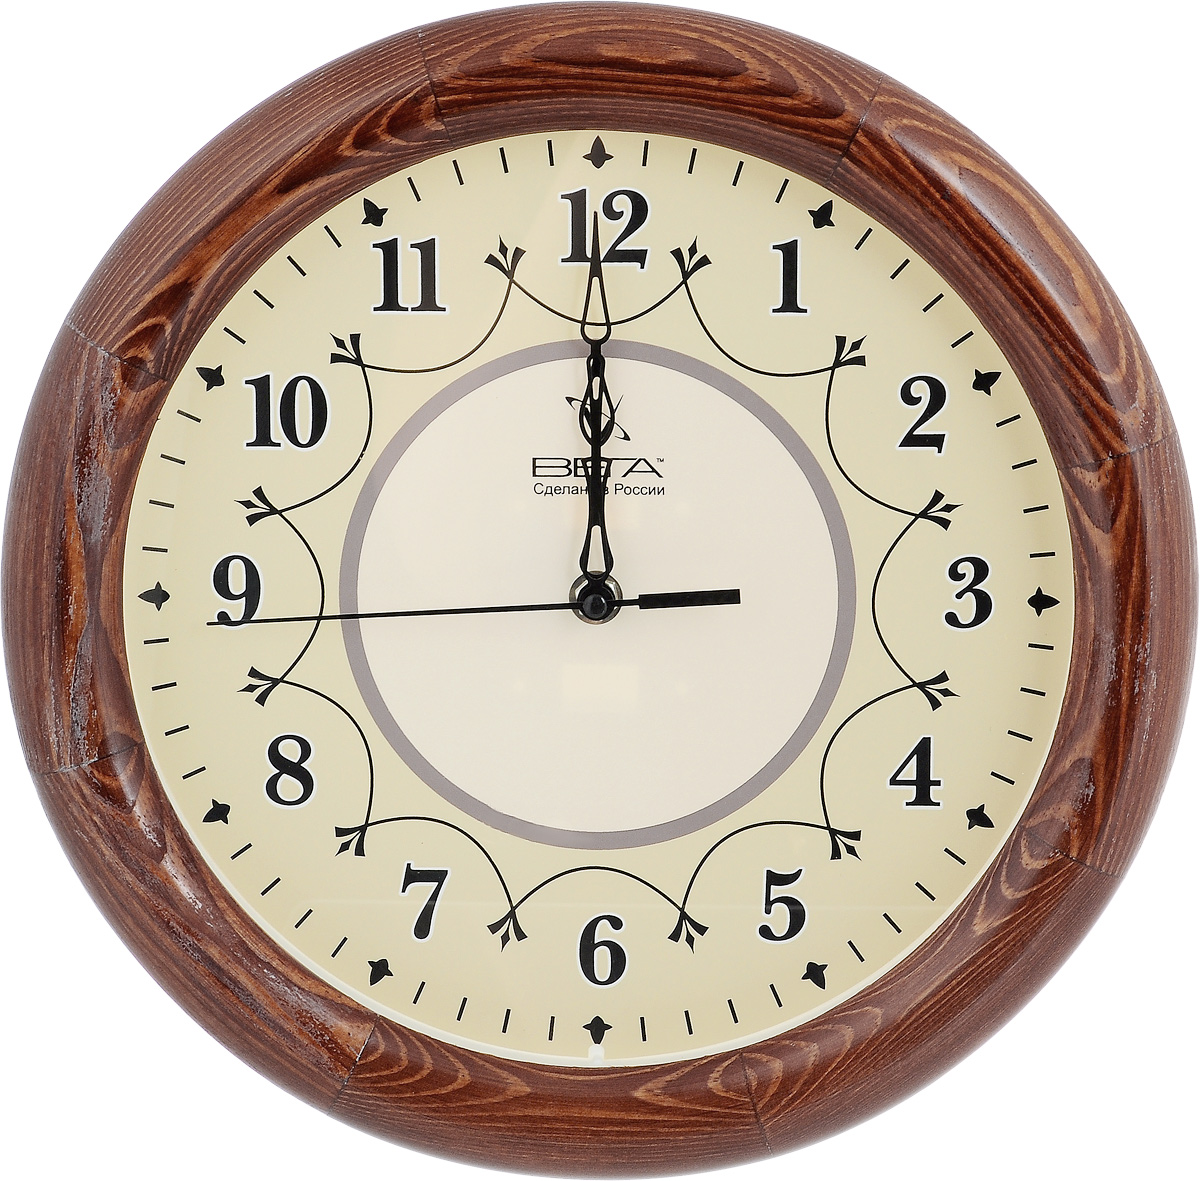 Часы настенные Вега Классика, диаметр 30 см. Д1КД/7Д1КД/7-12Настенные кварцевые часы Вега Классика, изготовленные из дерева, прекрасно впишутся в интерьер вашего дома. Часы имеют три стрелки: часовую, минутную и секундную, циферблат защищен прозрачным стеклом. Часы работают от 1 батарейки типа АА напряжением 1,5 В (не входит в комплект).Диаметр часов: 30 см.